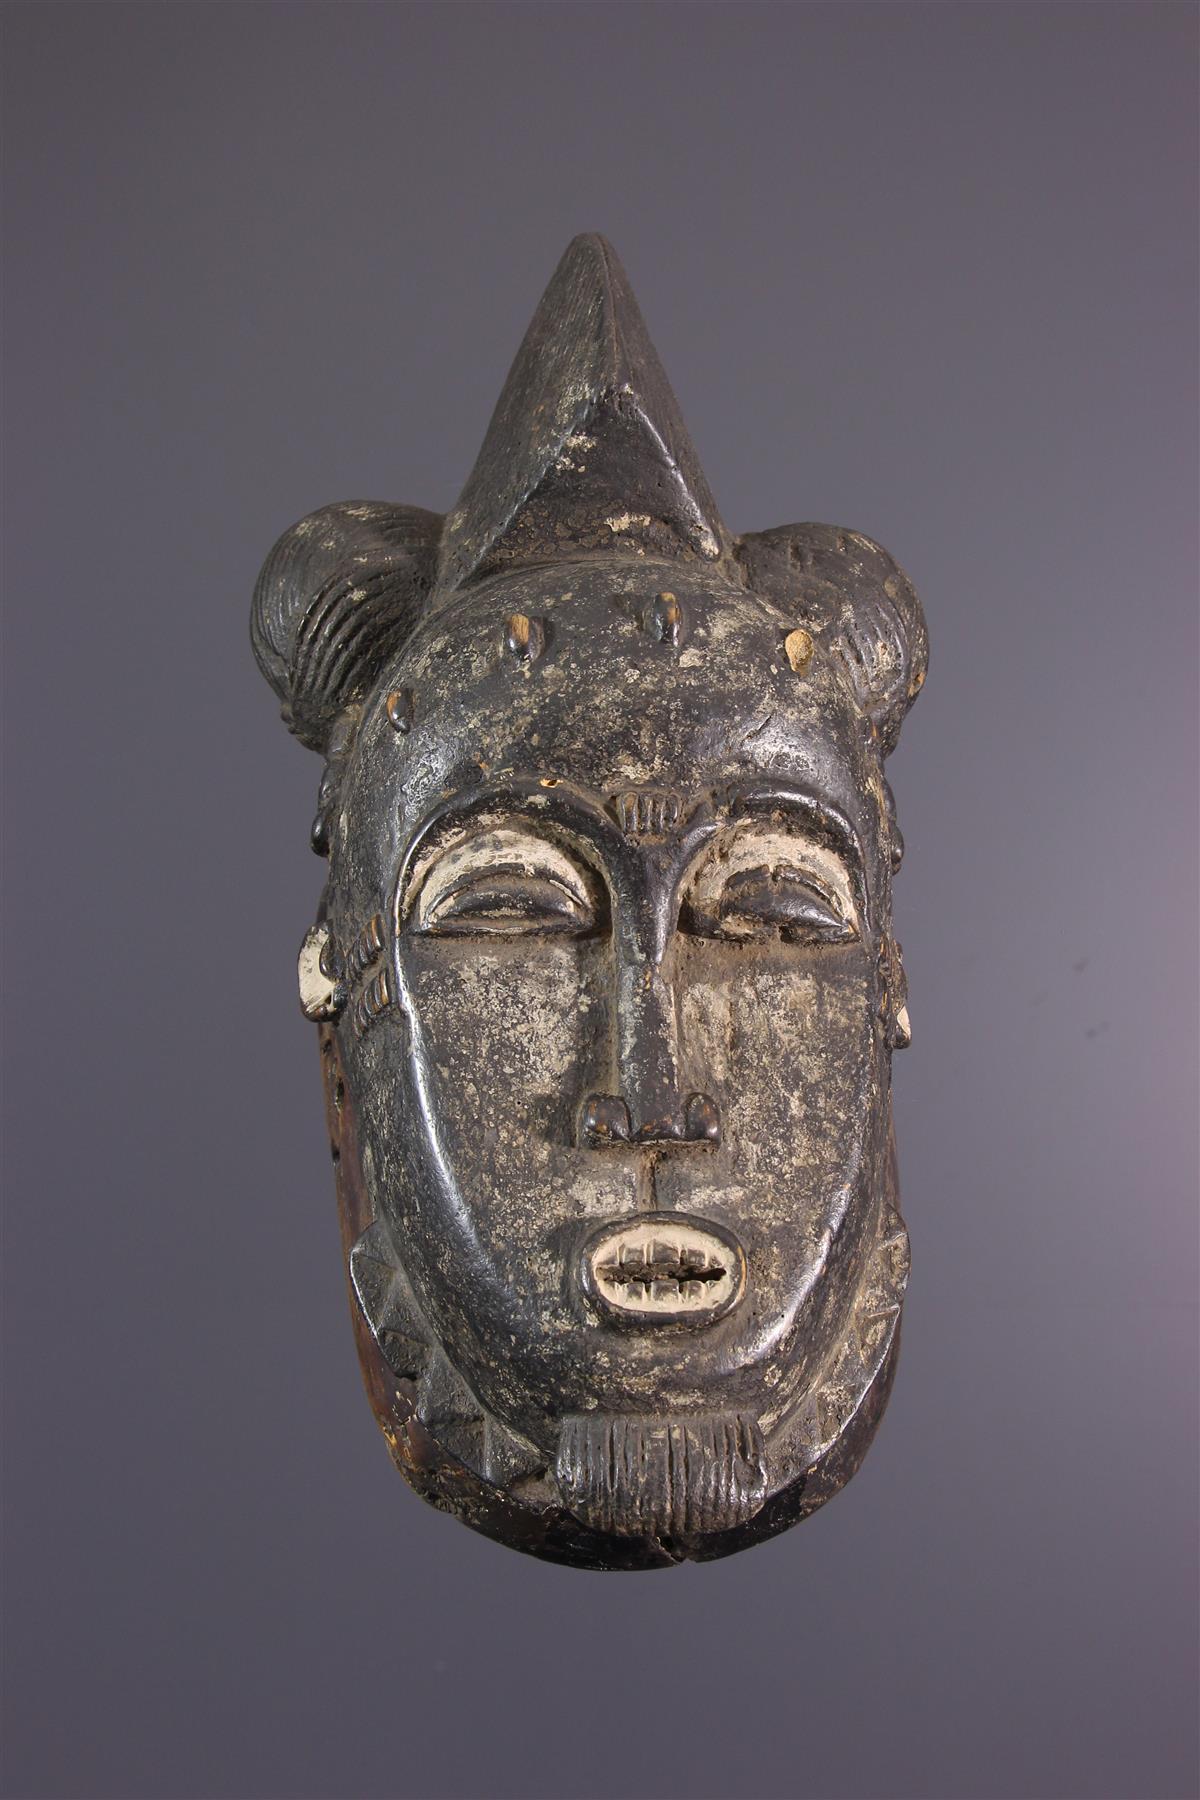 Baoule Mask - Tribal art